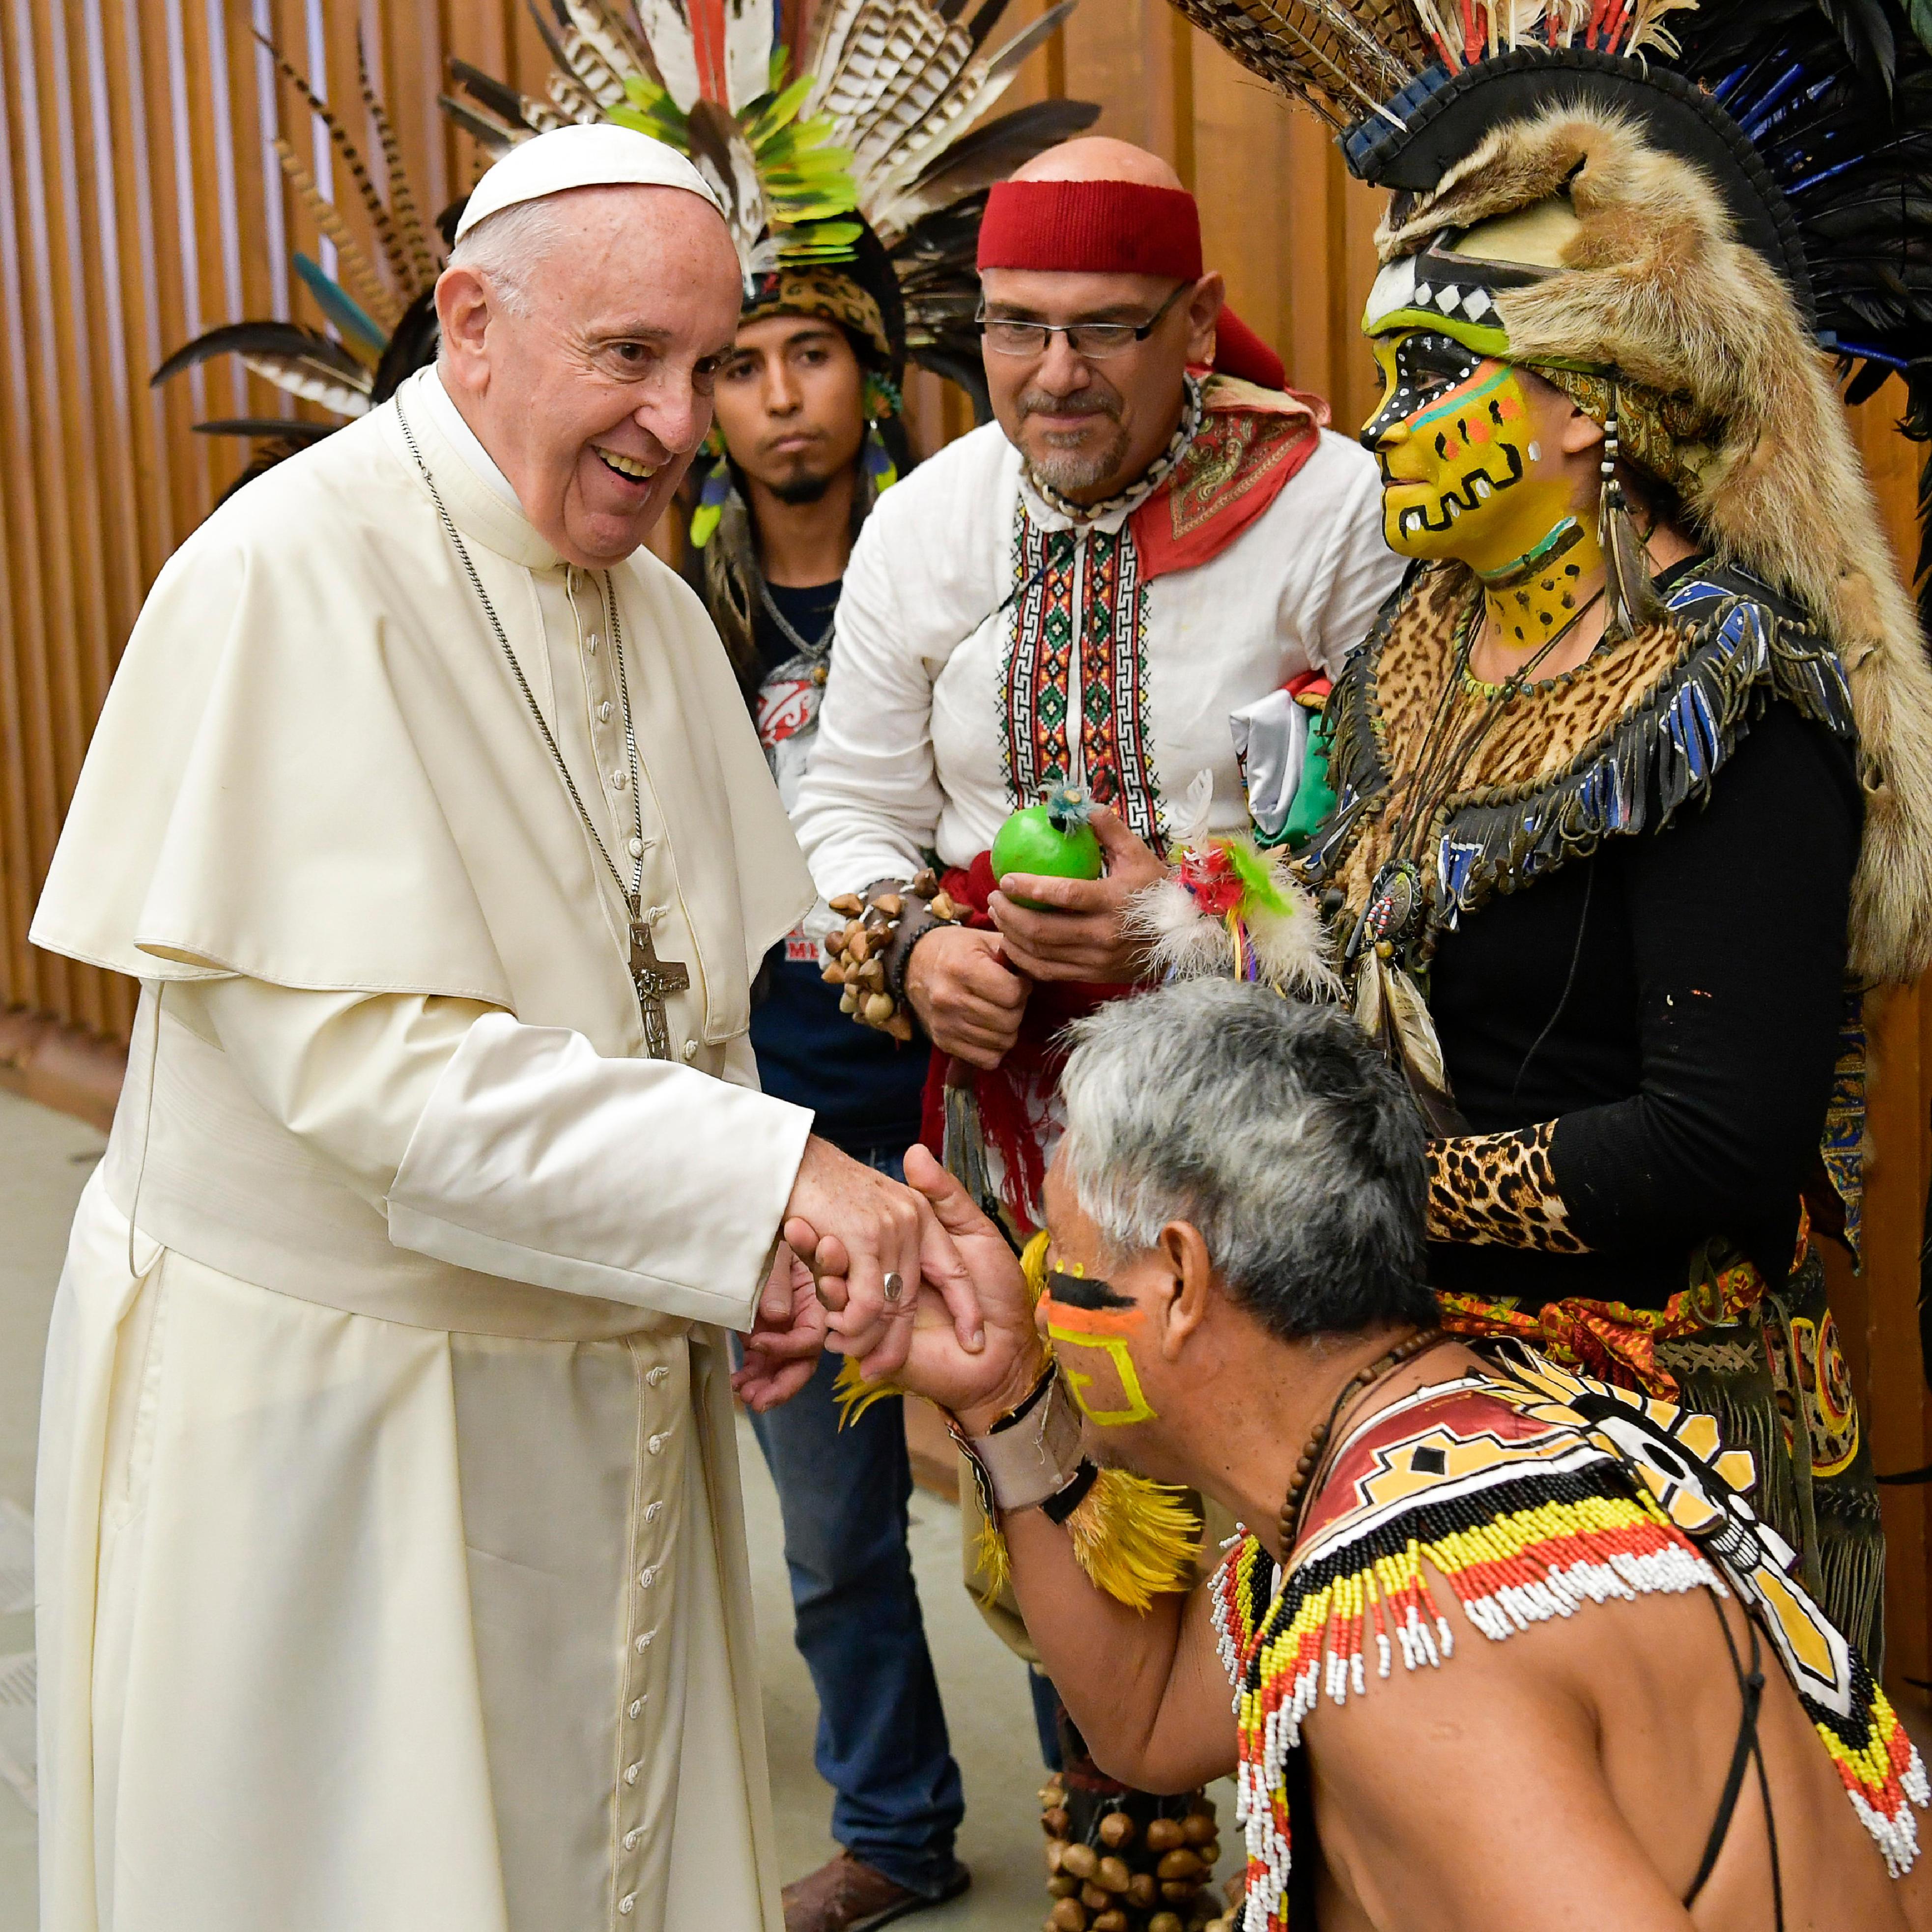 Groupe de danses pré-hispaniques du Mexique, audience du 8 août 2018 © Vatican Media